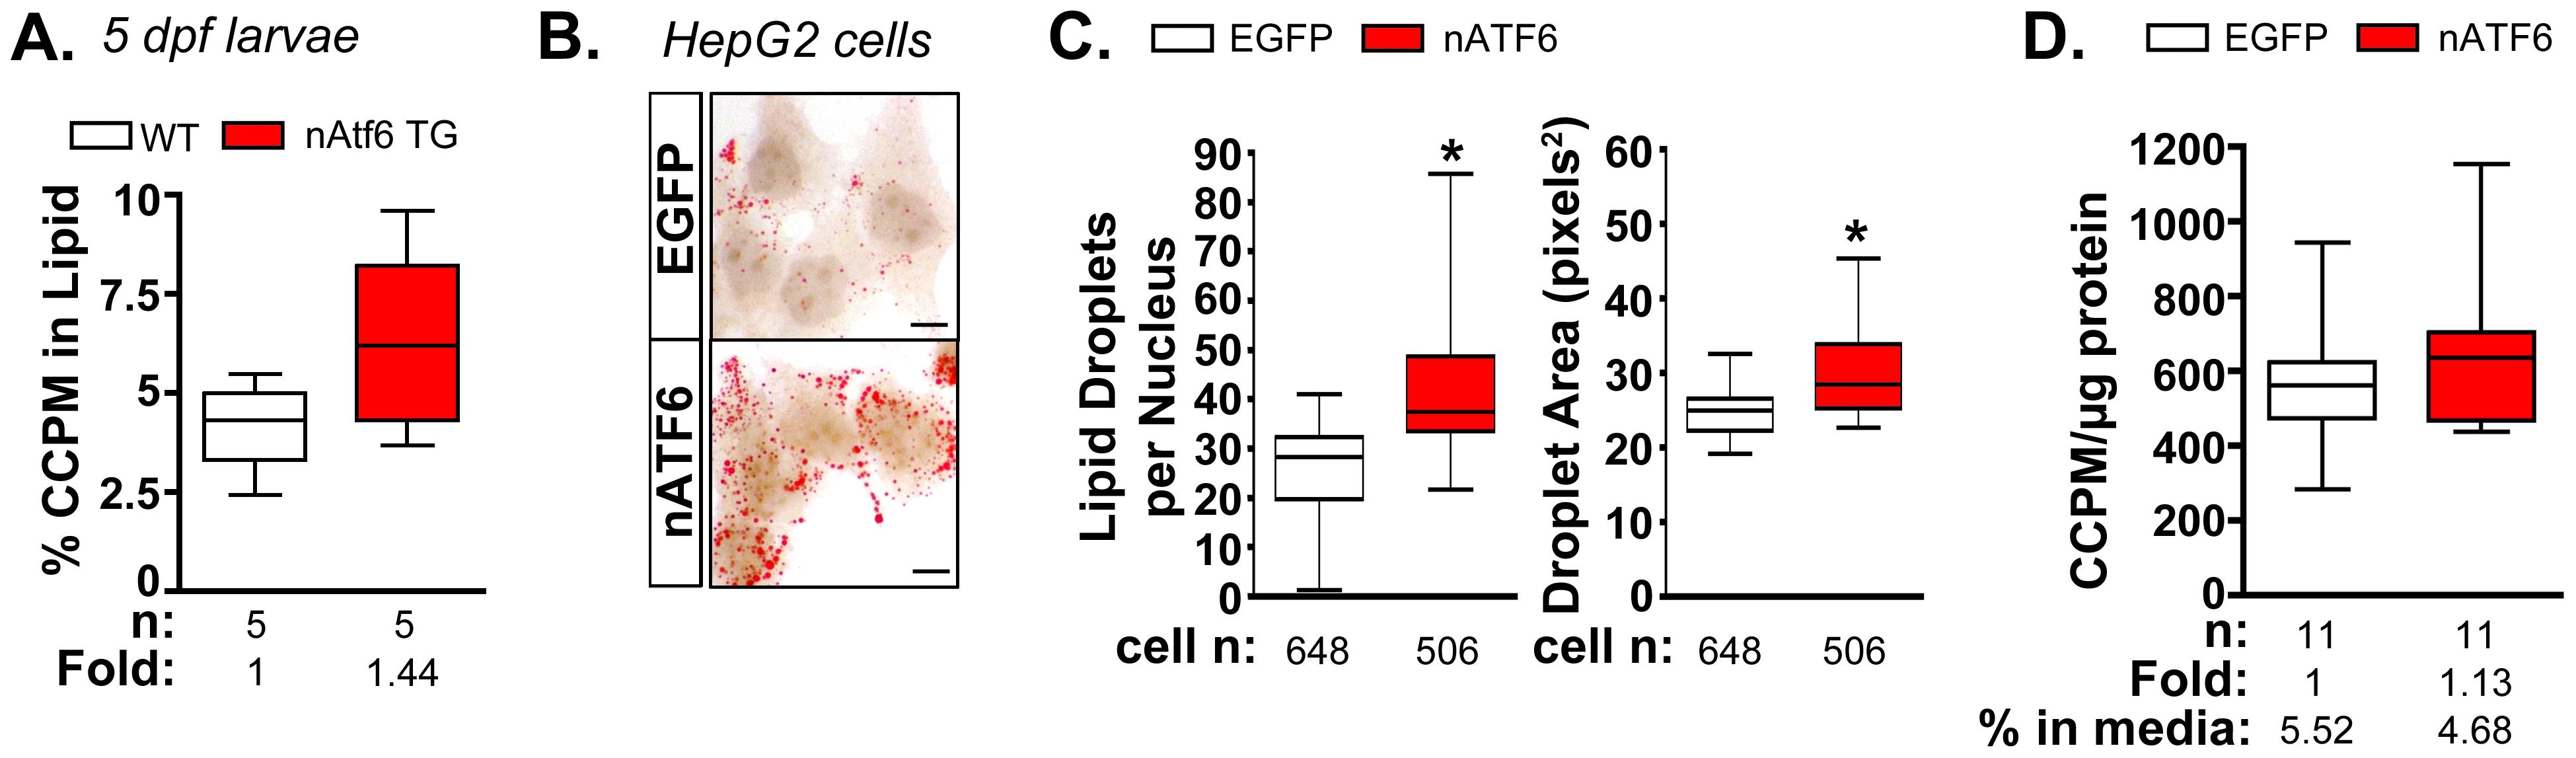 <i>De novo</i> lipogenesis is enhanced <i>in vitro</i> and <i>in vivo</i> by nAtf6 overexpression.